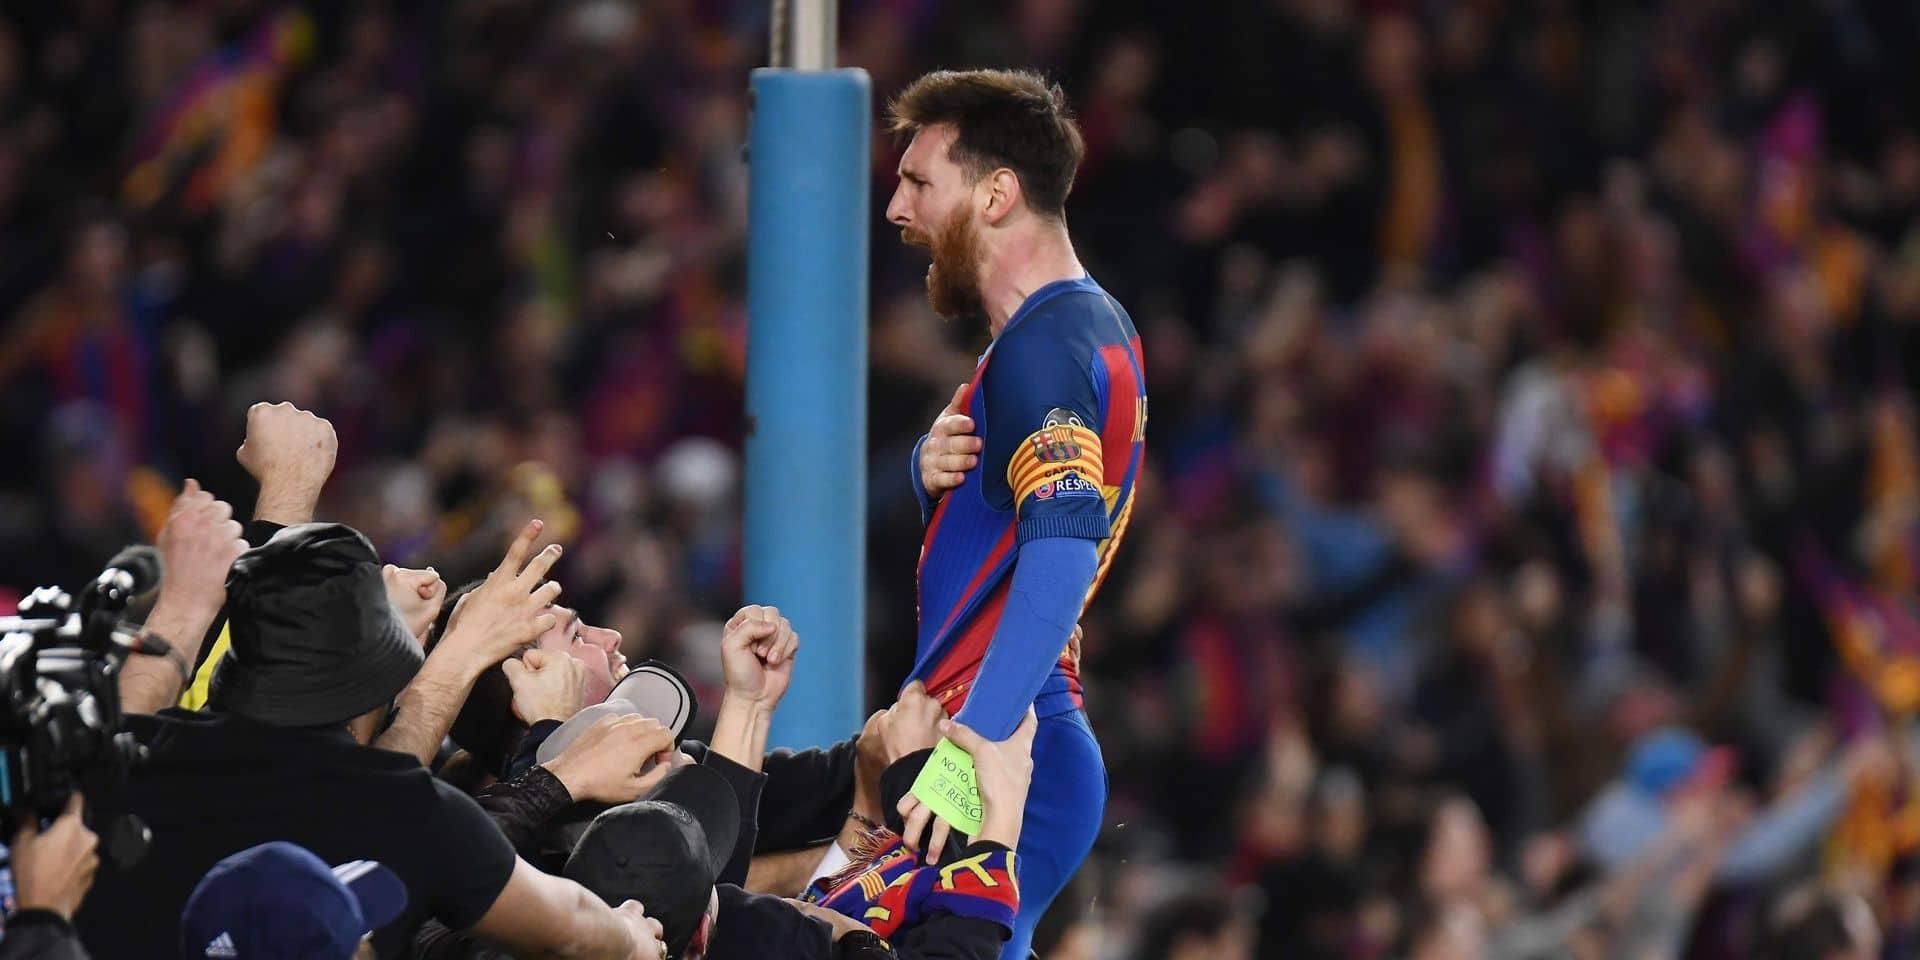 Le père de Messi rencontrera mercredi le président de Barcelone